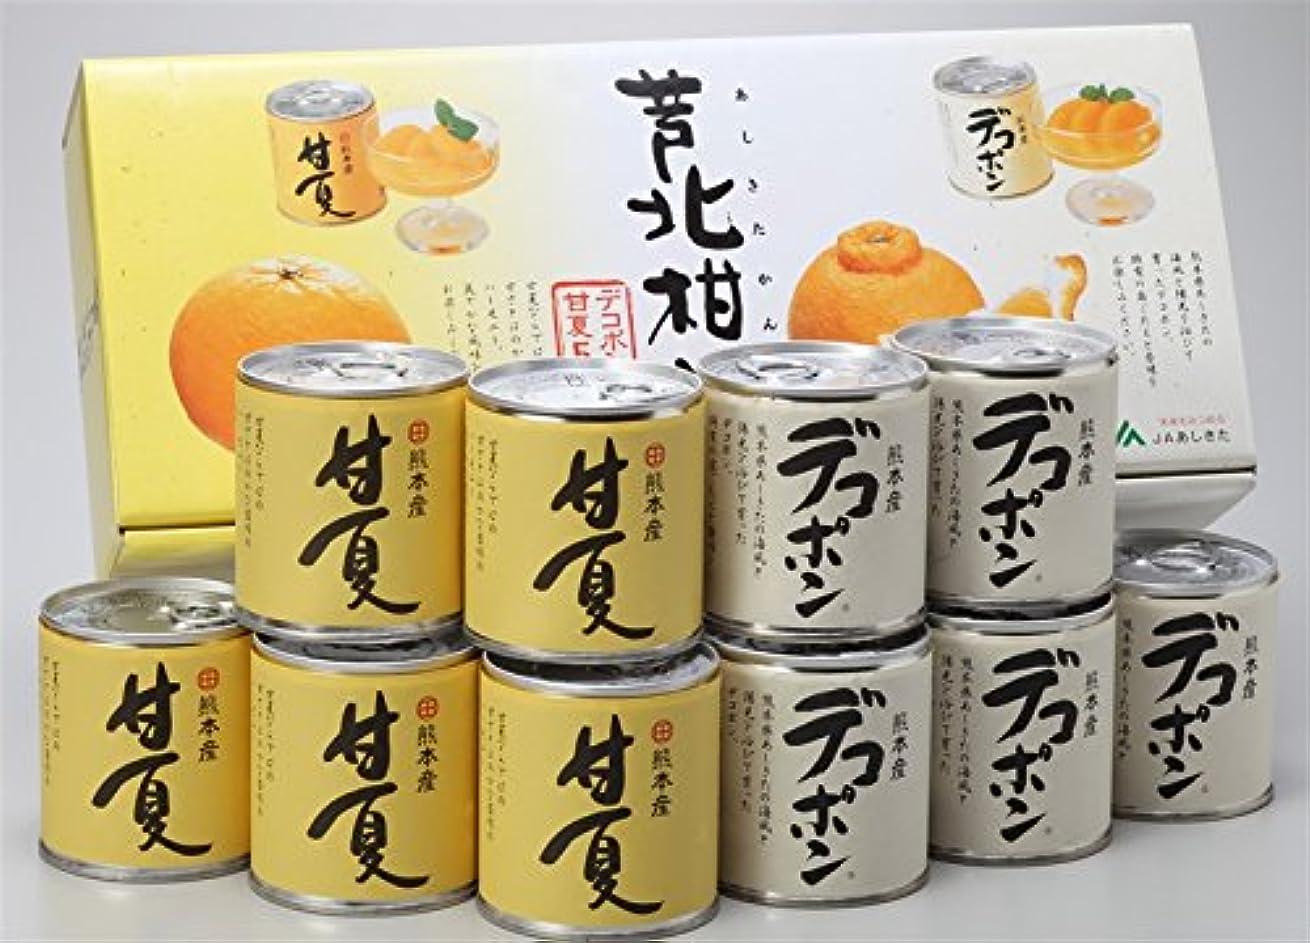 征服するうんざりからに変化するJAあしきた 熊本芦北柑橘 デコポン&甘夏缶詰め (10缶入り(化粧箱))